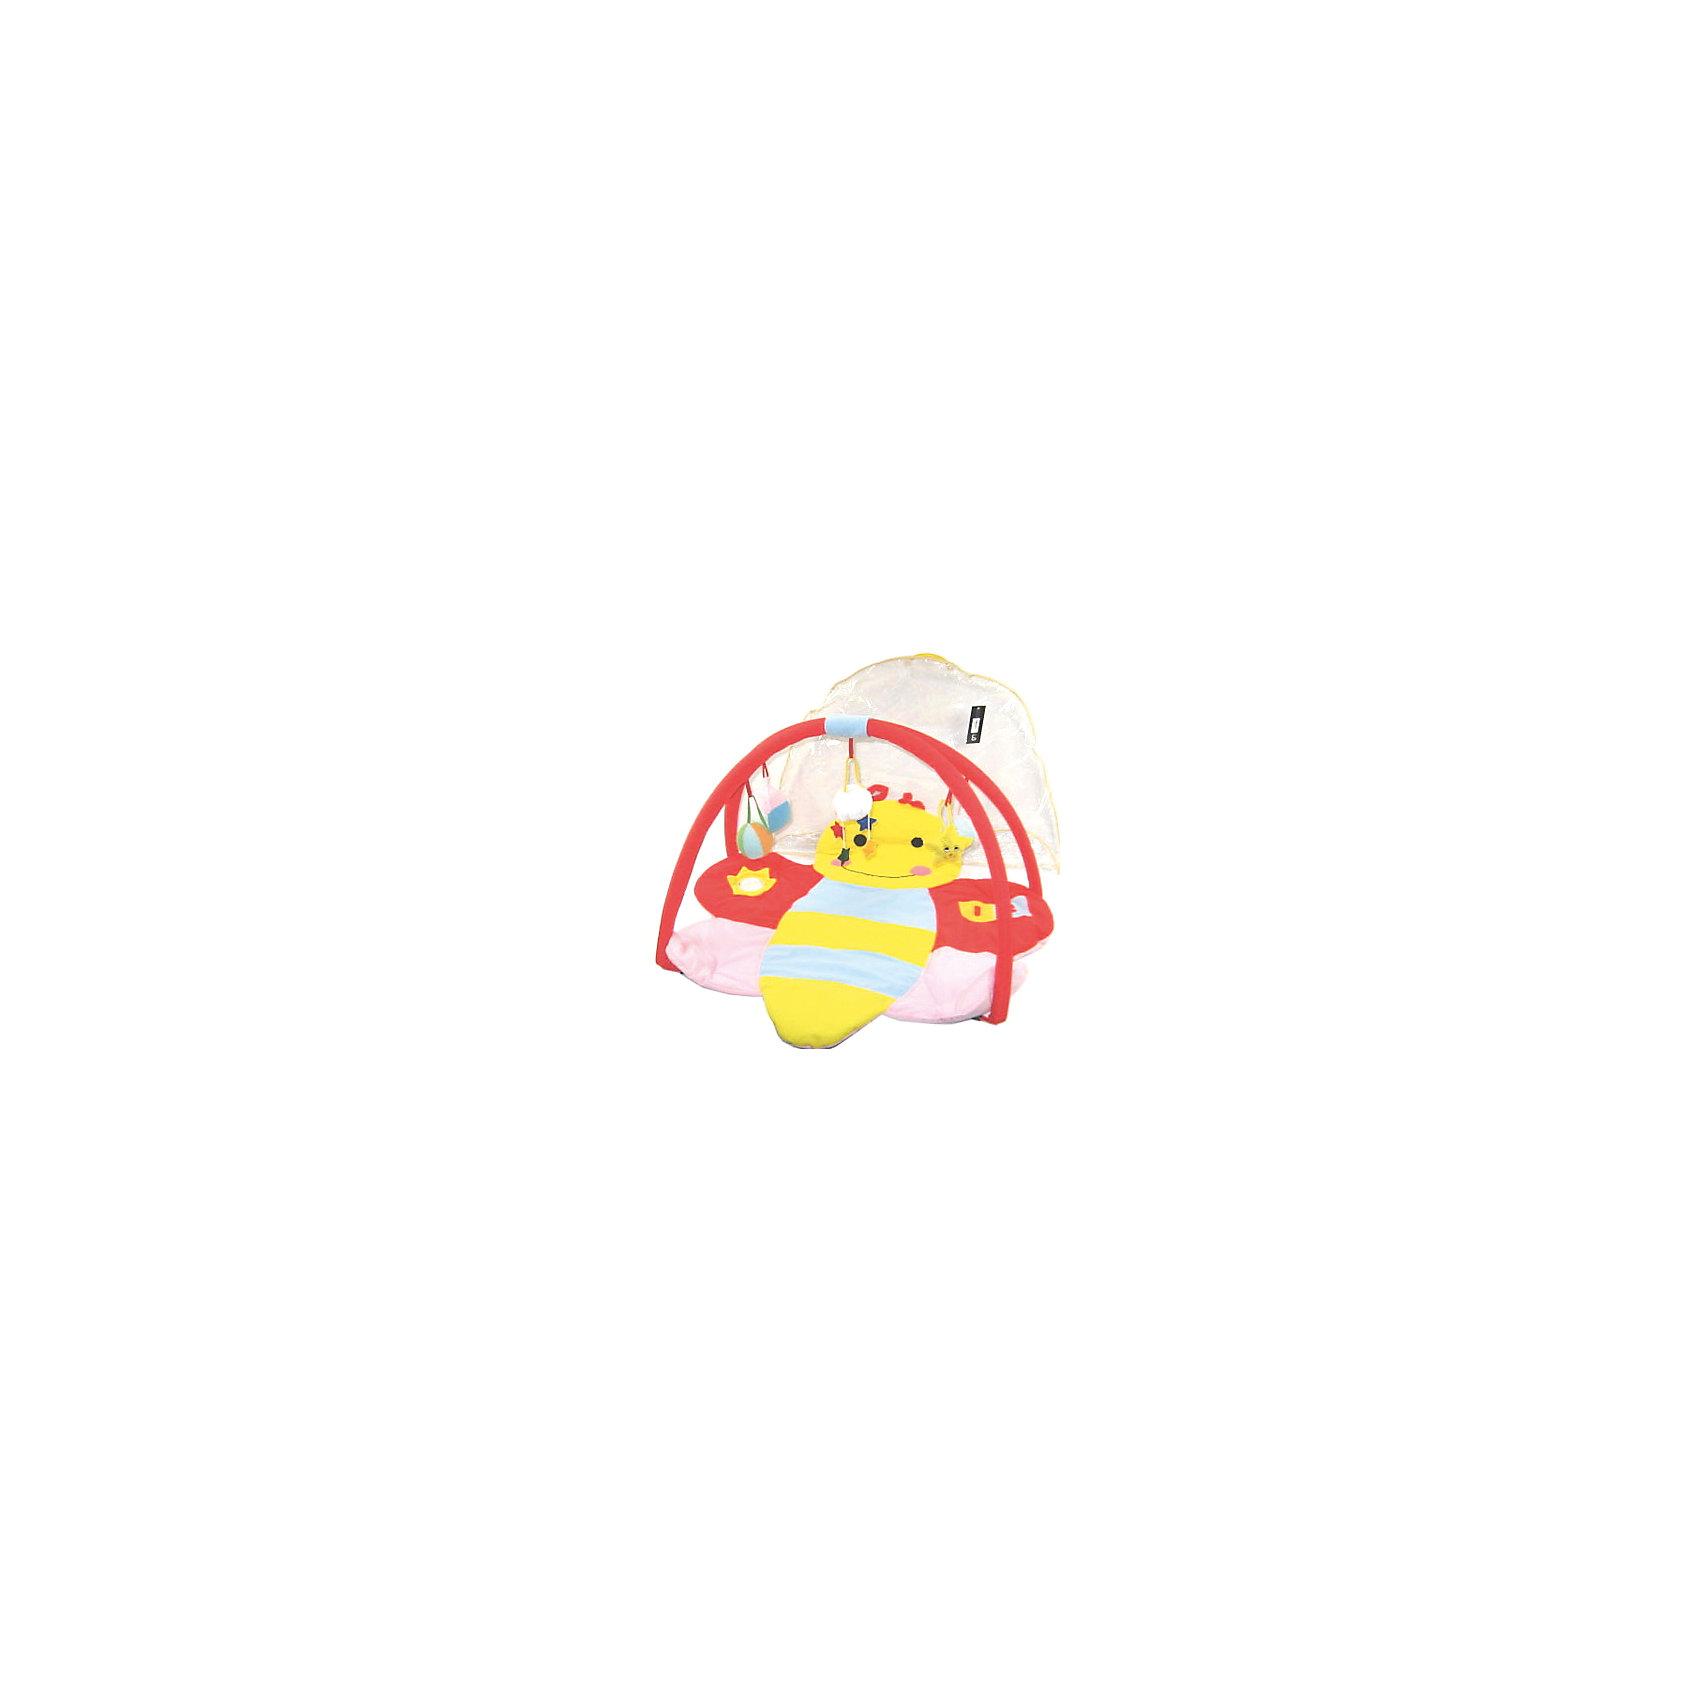 Детский игровой коврик Пчелка с мягкими игрушками на подвескеДетский игровой коврик Пчелка с мягкими игрушками на подвеске<br><br>Характеристики:<br><br>• 2 съемные дуги с подвесными игрушками<br>• подходит для ручной и автоматической стирки<br>• материал: текстиль, пластик<br>• размер упаковки: 84х6х56 см<br><br>Игровой коврик Пчелка подходит для детей с рождения. Поверхность коврика выполнена в виде милой пчелки. Кроме того, она достаточно мягкая и плотная, чтобы малыш не простудился, играя на полу. Коврик имеет две съемные дуги, на которых расположены подвесные игрушки. Разглядывая и трогая их, кроха развивает цветовое восприятие, моторику рук и тактильные ощущения. Коврик Пчела станет вашим первым помощником в развитии крохи!<br><br>Детский игровой коврик Пчелка с мягкими игрушками на подвеске можно купить в нашем интернет-магазине.<br><br>Ширина мм: 840<br>Глубина мм: 60<br>Высота мм: 560<br>Вес г: 790<br>Возраст от месяцев: 12<br>Возраст до месяцев: 36<br>Пол: Женский<br>Возраст: Детский<br>SKU: 4769604